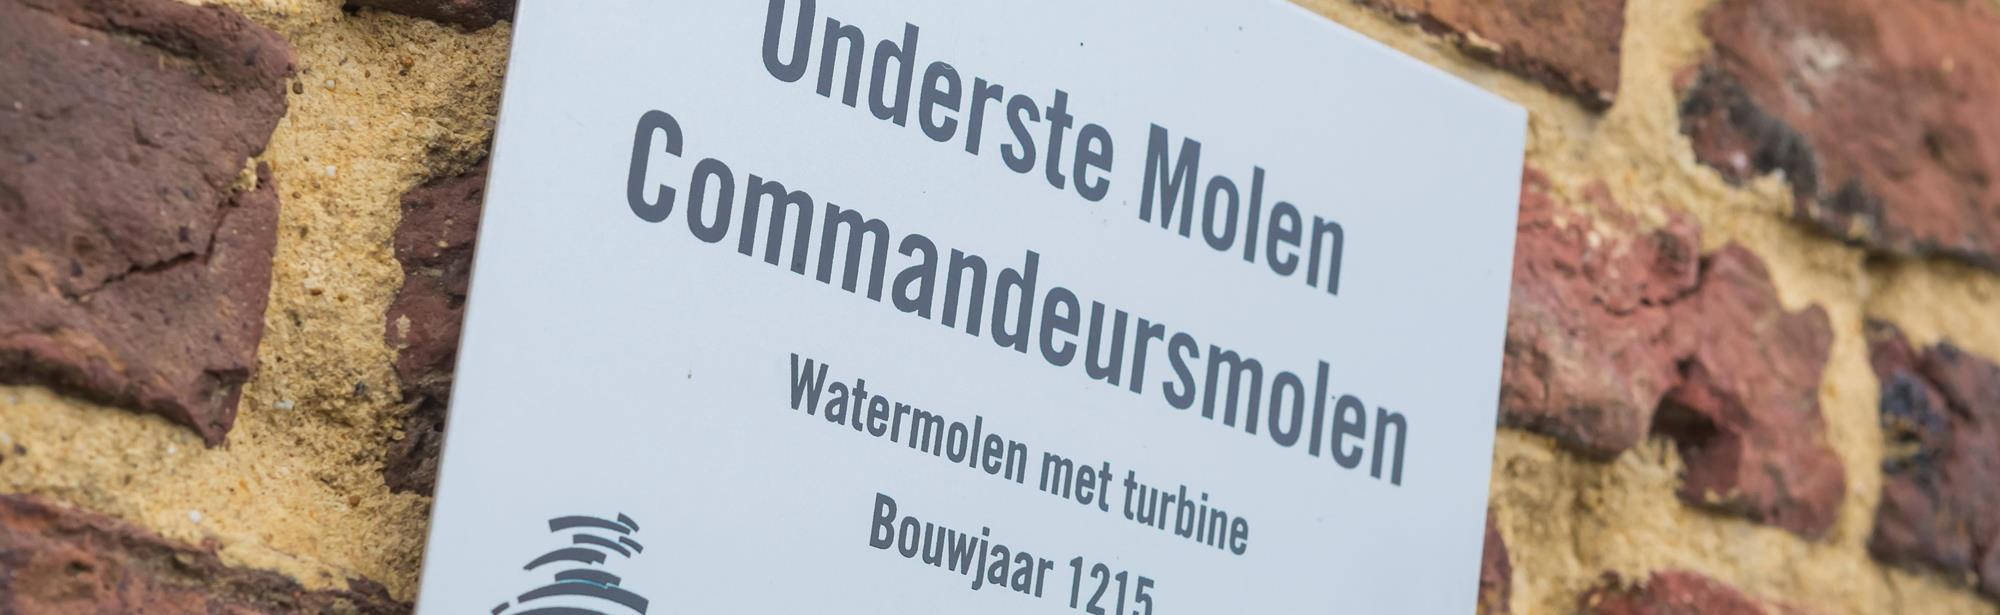 Onderste Molen/Commandeursmolen